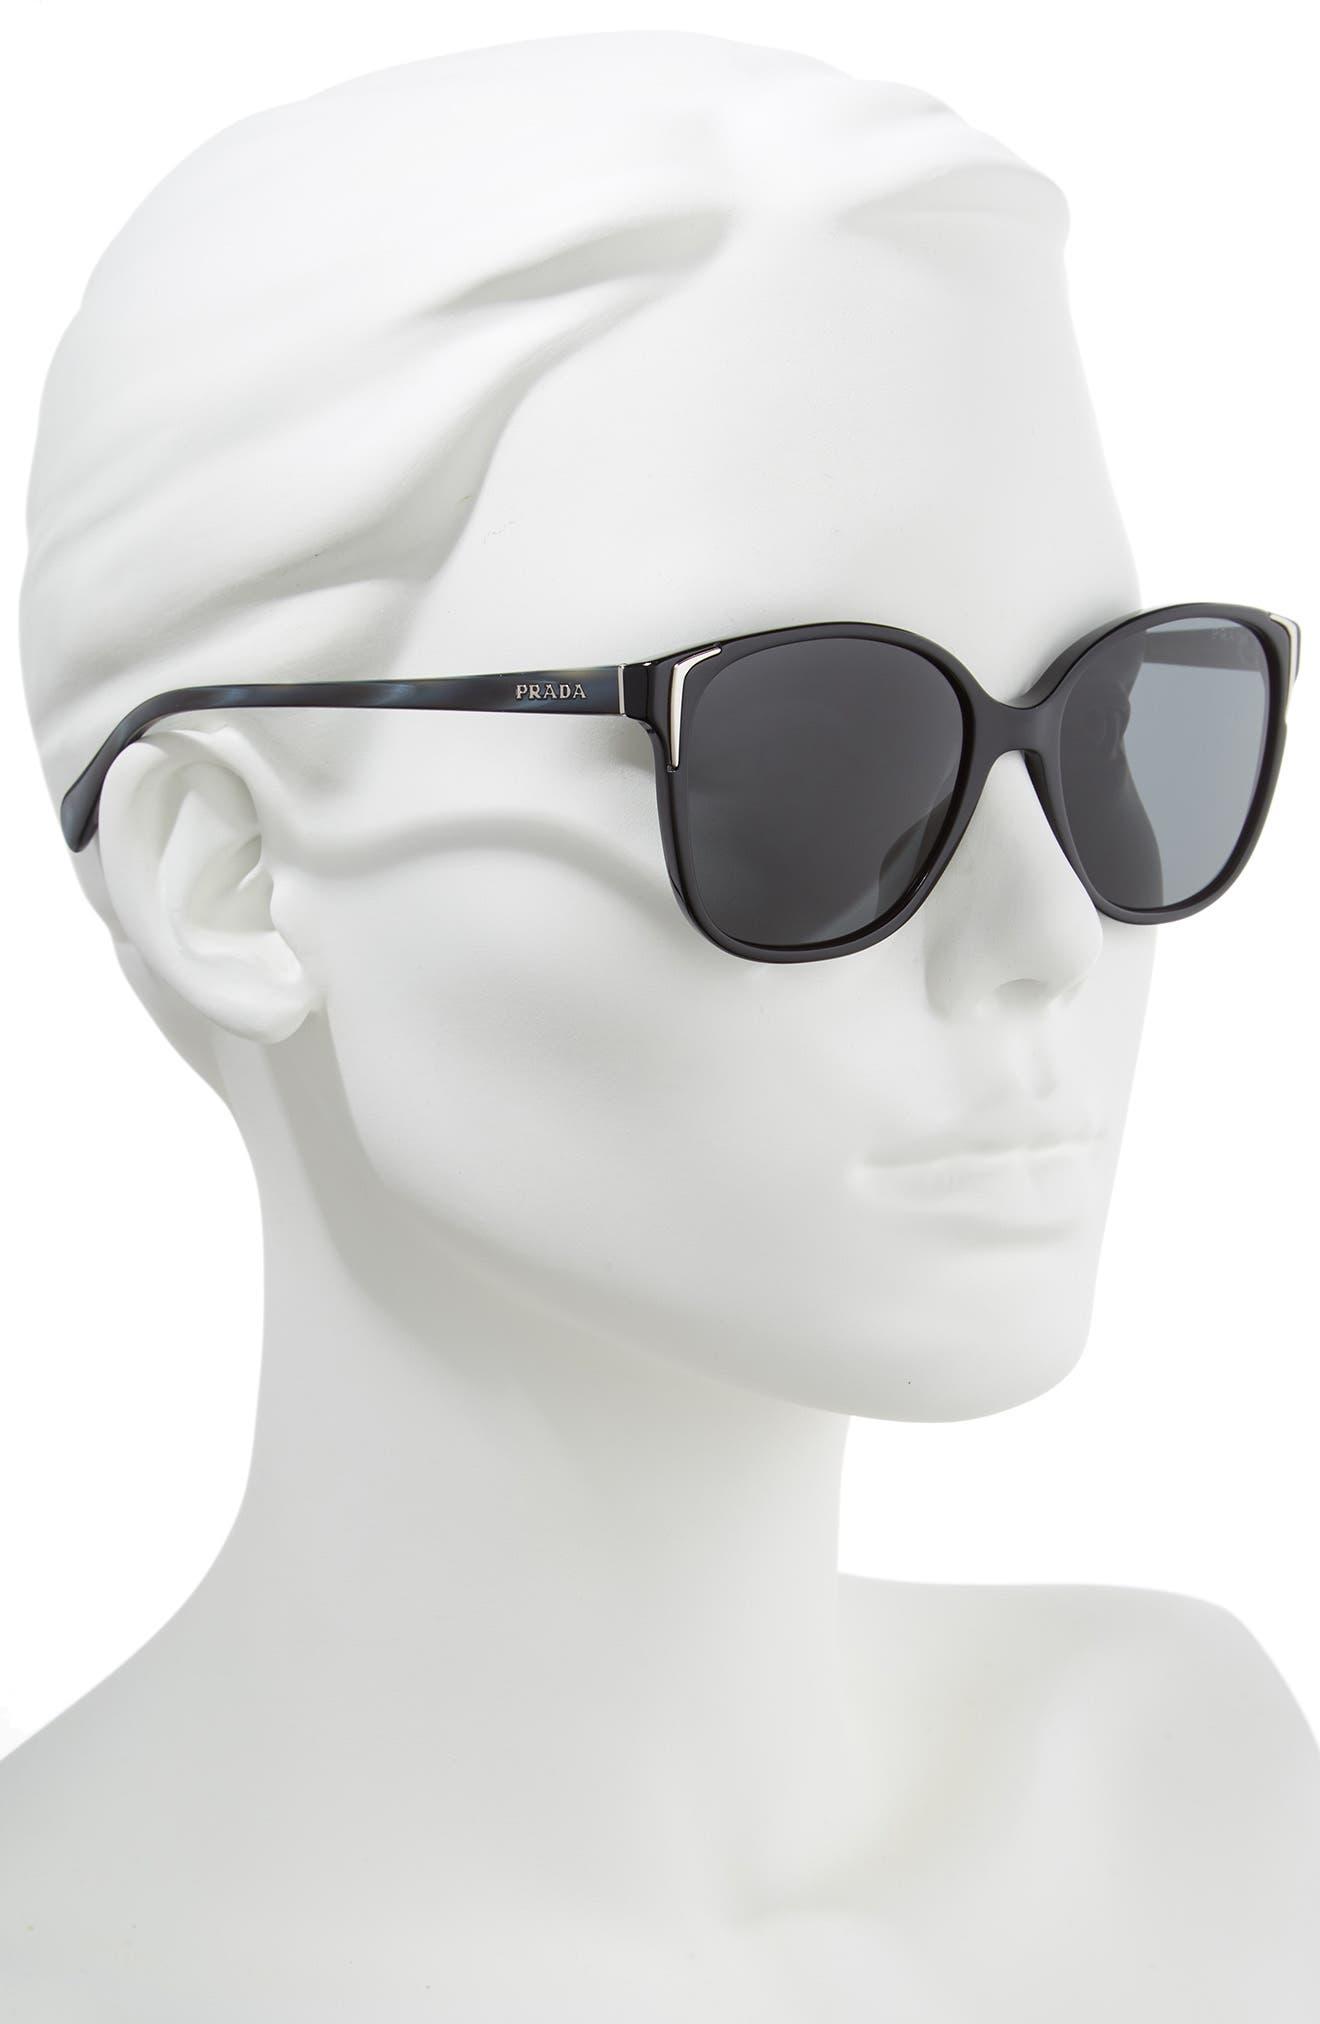 3e0c6d1abc00 prada sunglasses